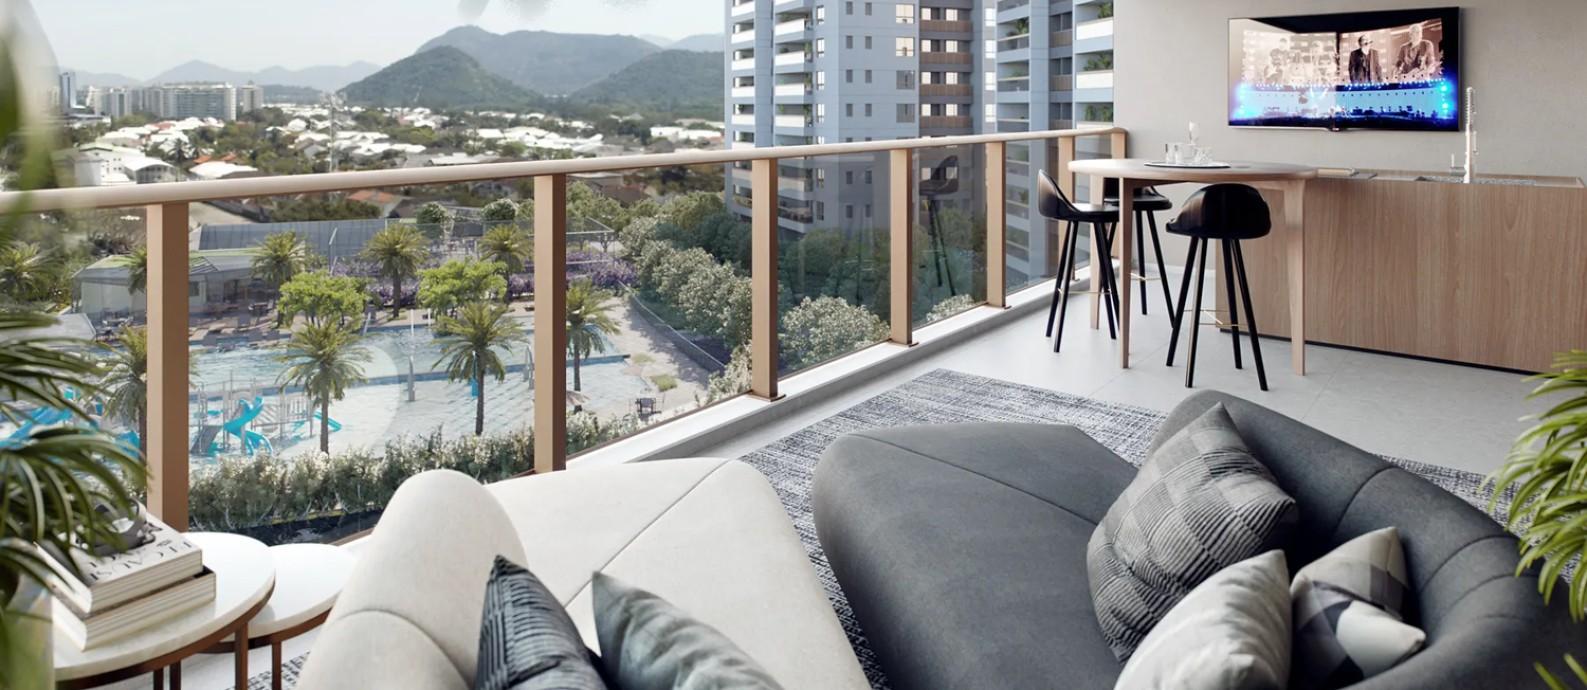 Vista do apartamento 504do Ed. South, com o complexo aquático e a paisagem ao fundo Foto: Divulgação